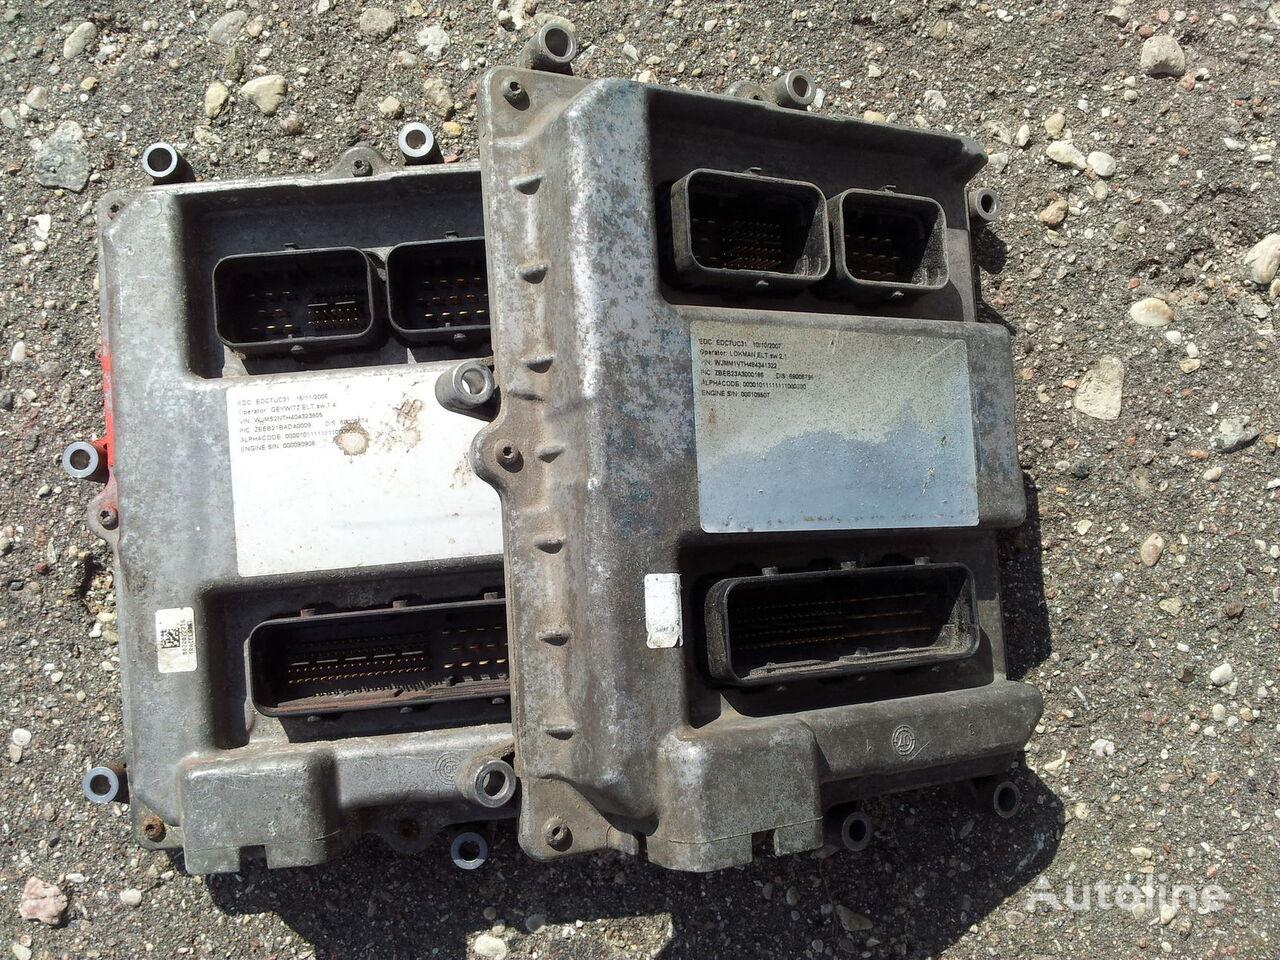 блок управления  IVECO EURO5 420PS ECU 0281020048 engine computer EDC set (EDC, VCM, chip), 504122542, VCM-ELEKTRONIK 4462700020 для тягача IVECO STRALIS